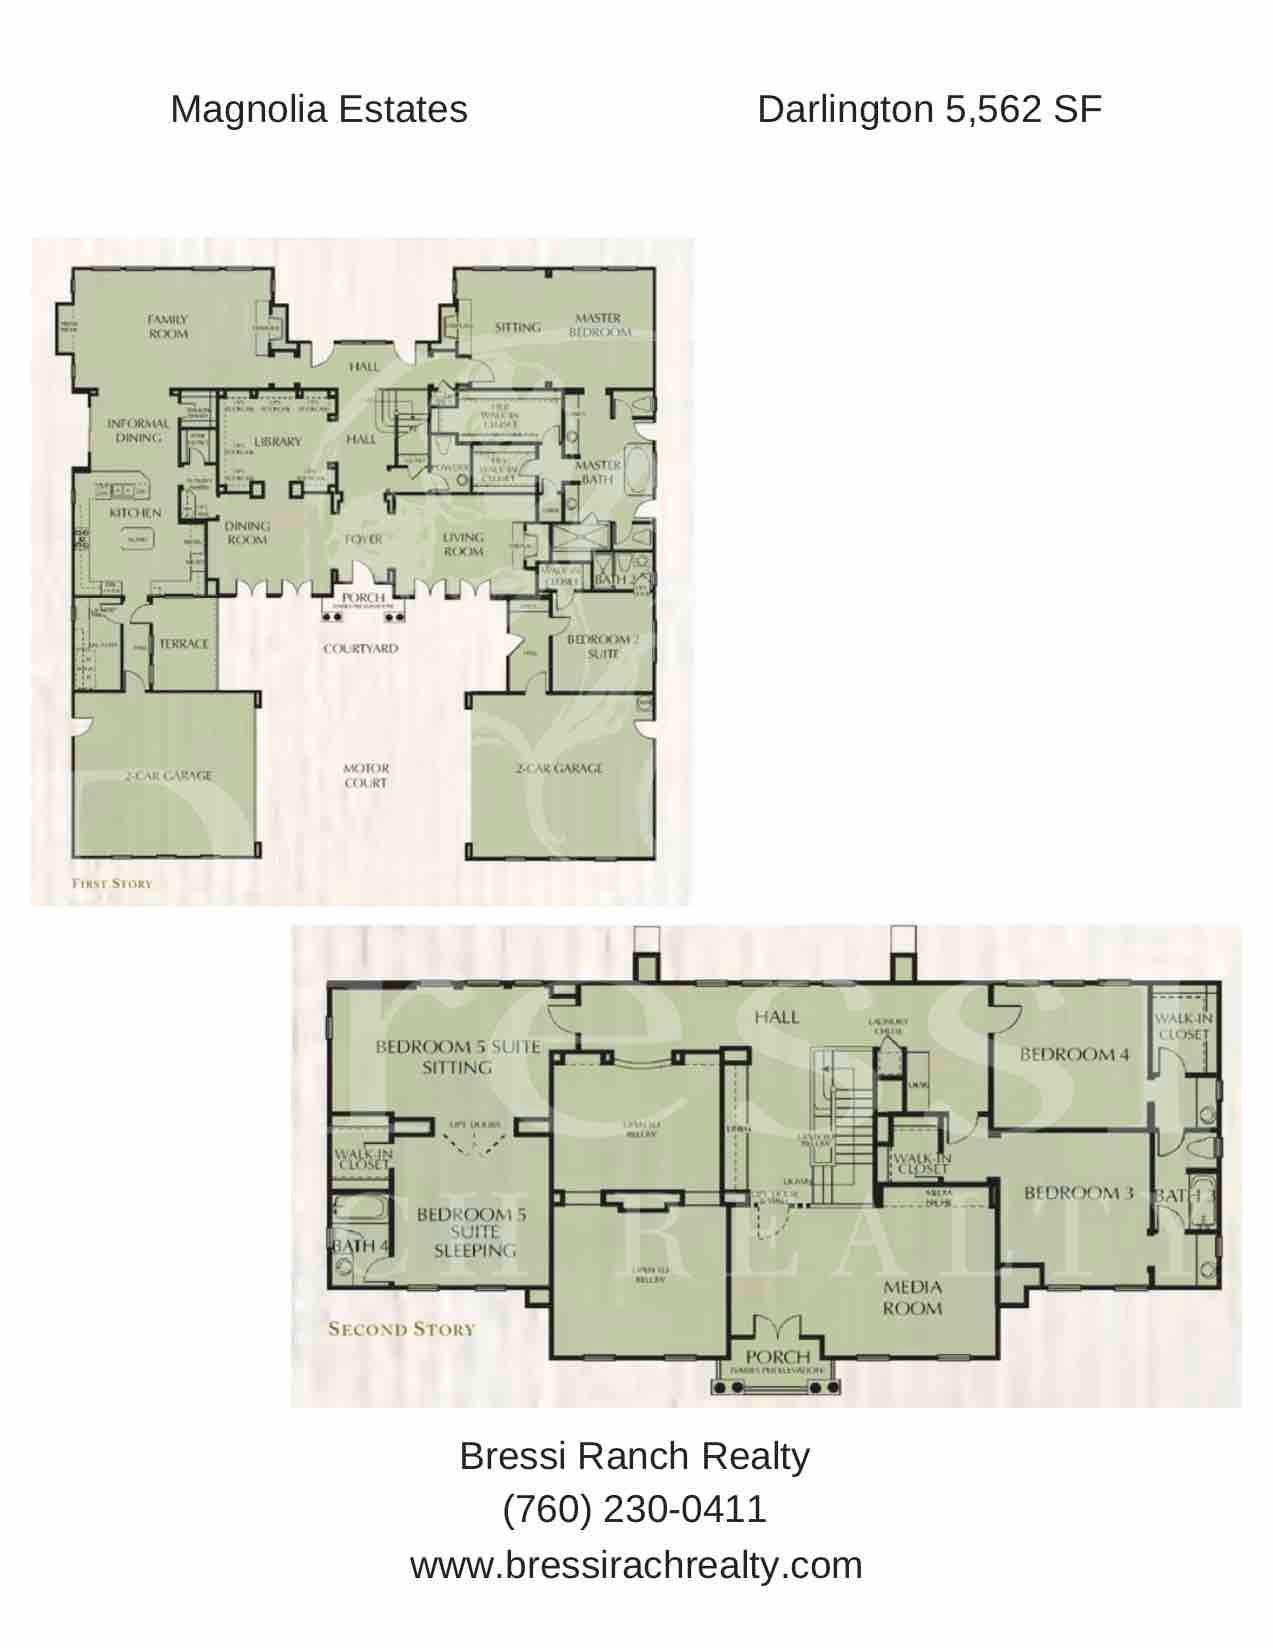 Magnolia Estates Darlington Floor Plan Bressi Ranch